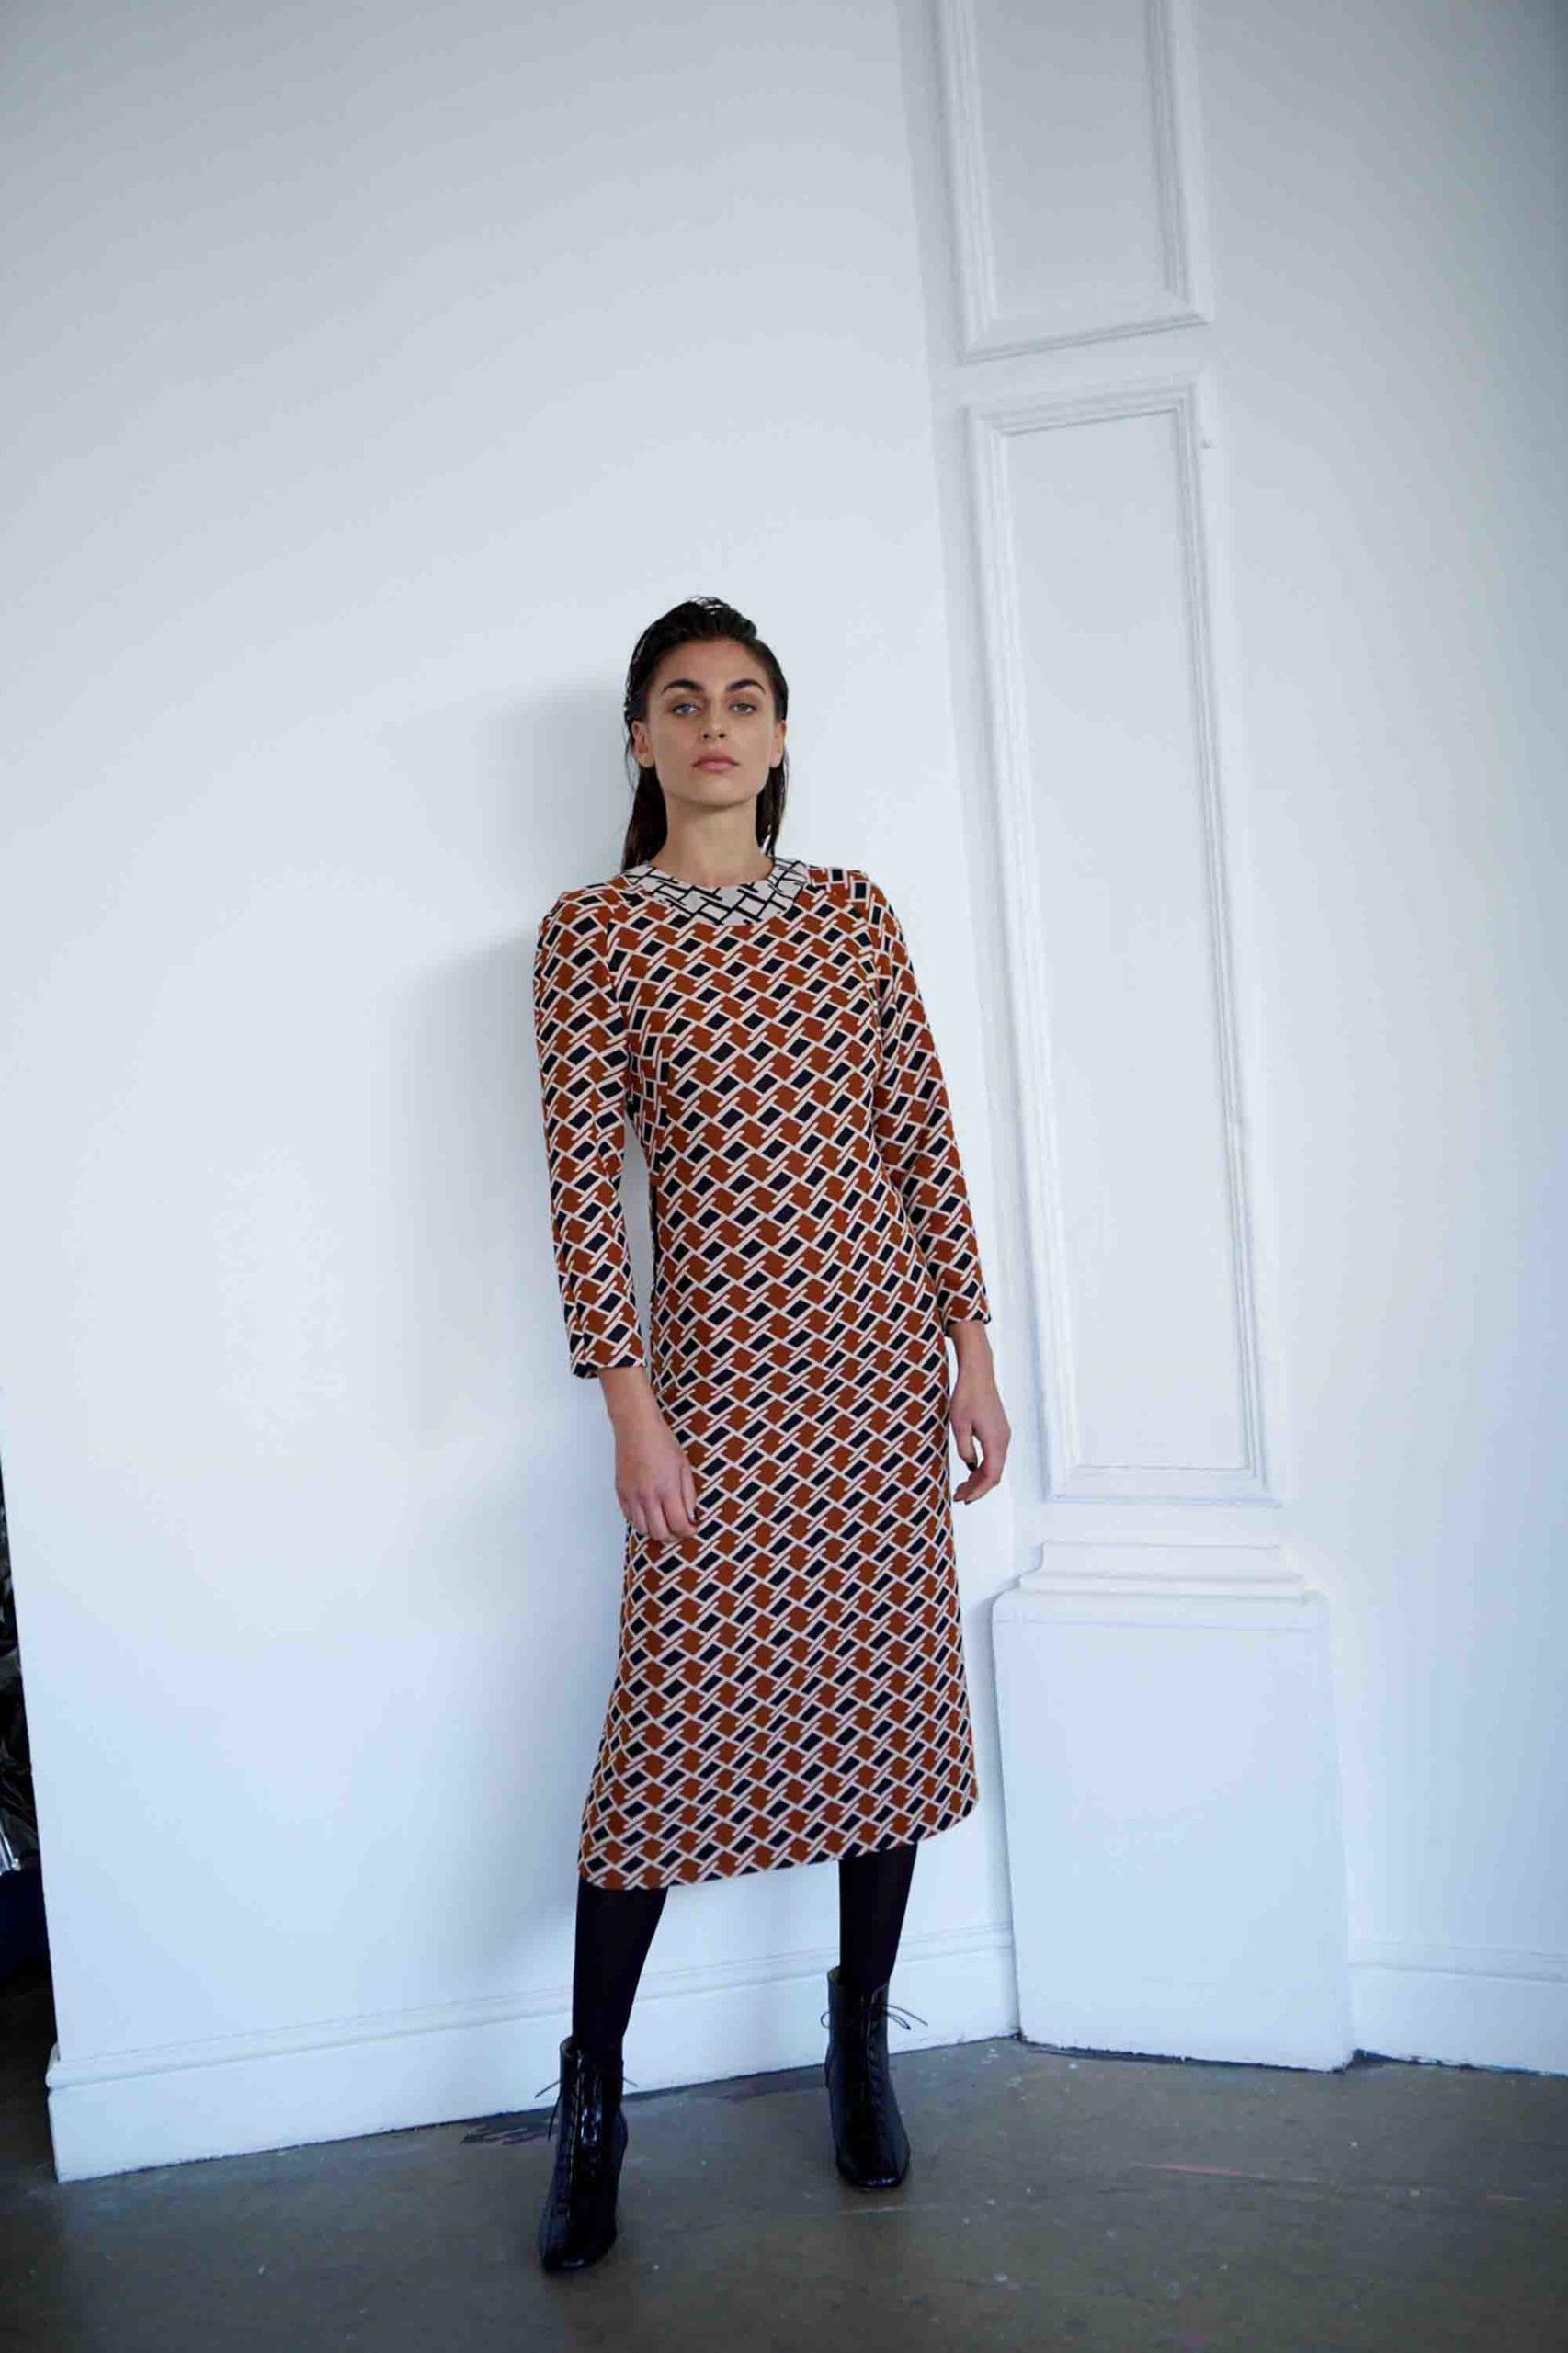 קובי גולן, Kobi Golan, מעצב אופנה, קולקציית אופנה 2020, מגזין אופנה, כתבות אופנה, הילה שייר, אופנה, מגזין אופנה ישראלי -6